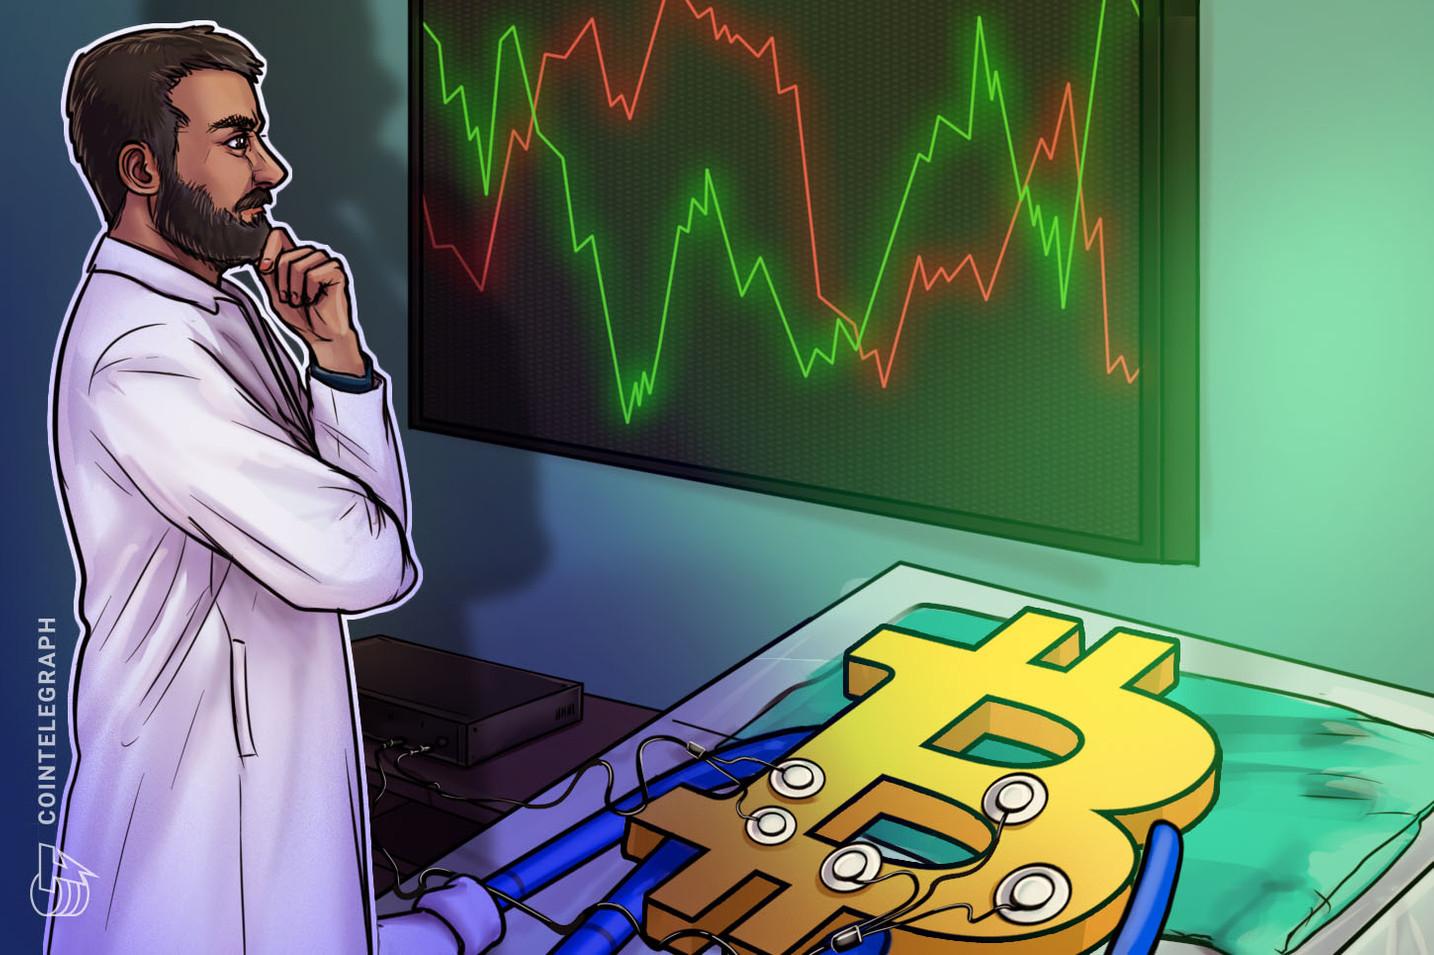 Lagging Bitcoin futures premium shows BitMEX is losing investor trust